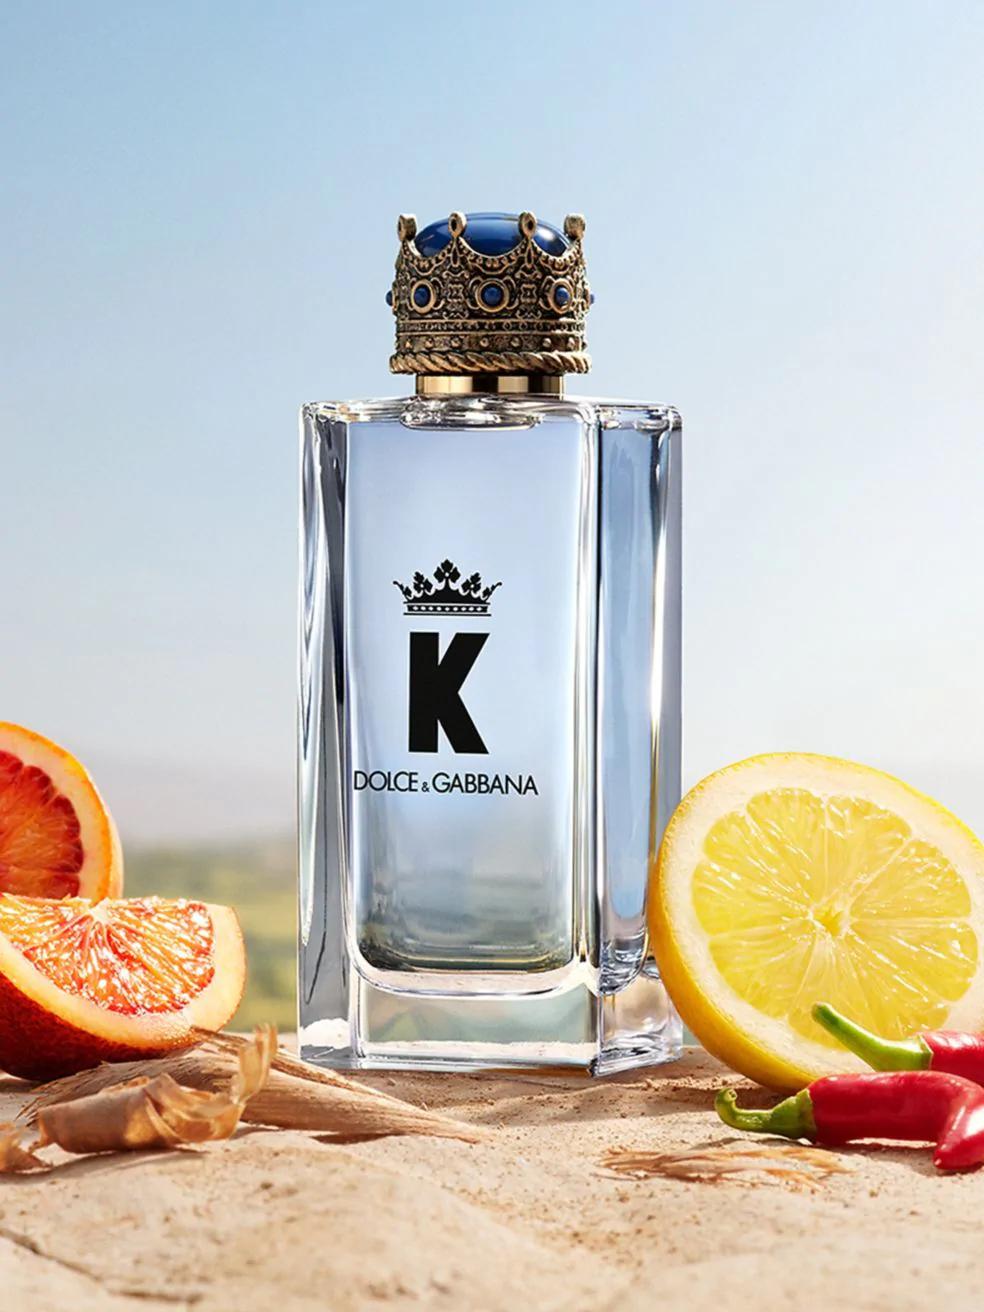 K by Dolce & Gabbana Dolce&Gabbana for men içerik resimleri ile manzara o.83160.jpg